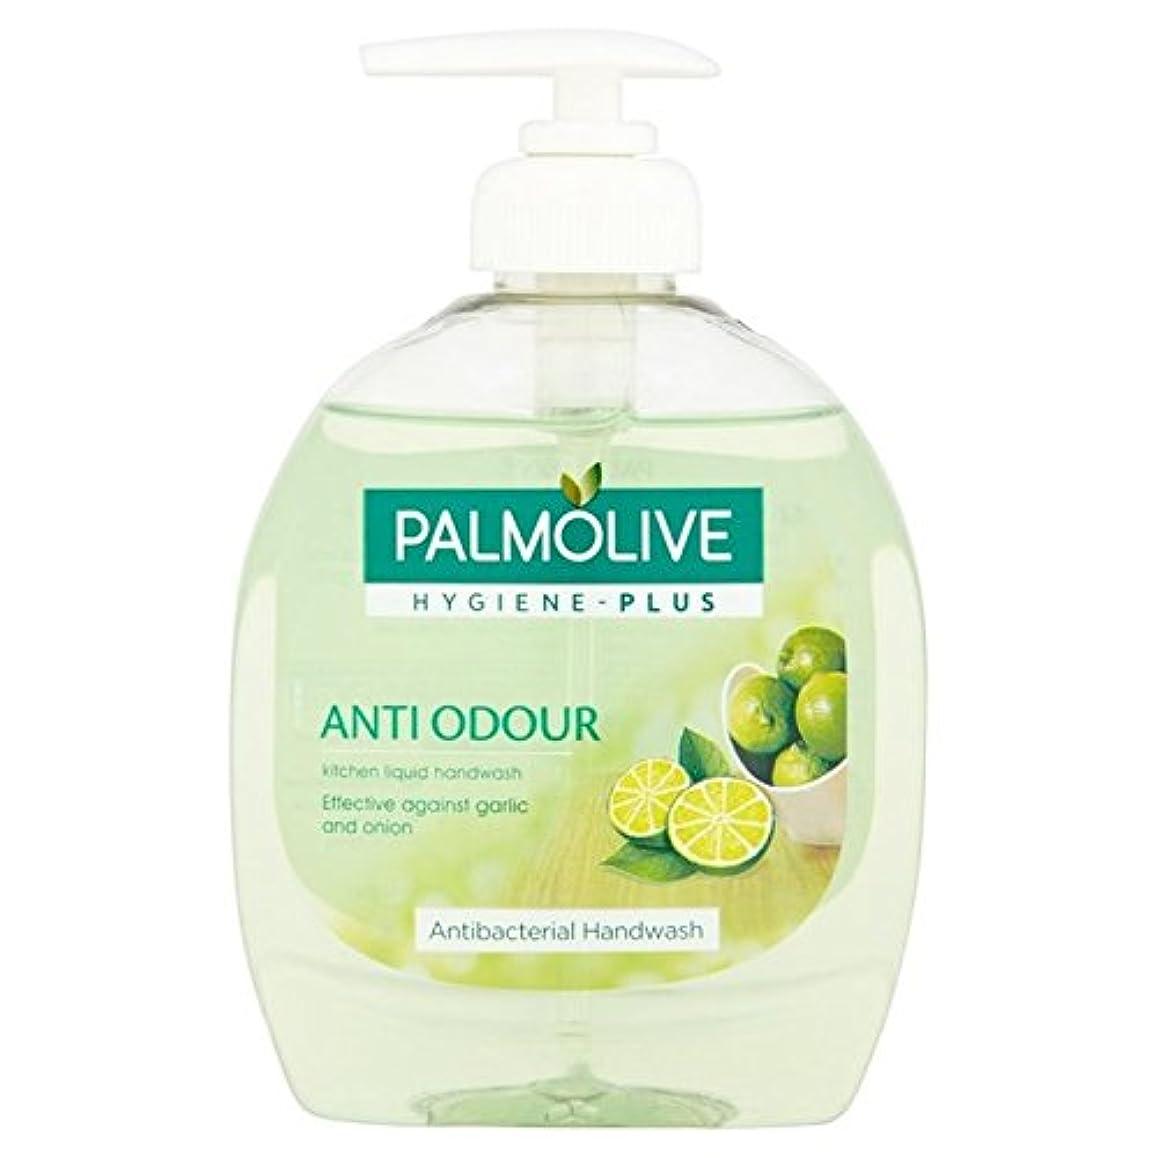 秀でる悲観主義者慣性ライム抽出物300ミリリットルとパルモ液体手洗い x2 - Palmolive Liquid Hand Wash with Lime Extract 300ml (Pack of 2) [並行輸入品]